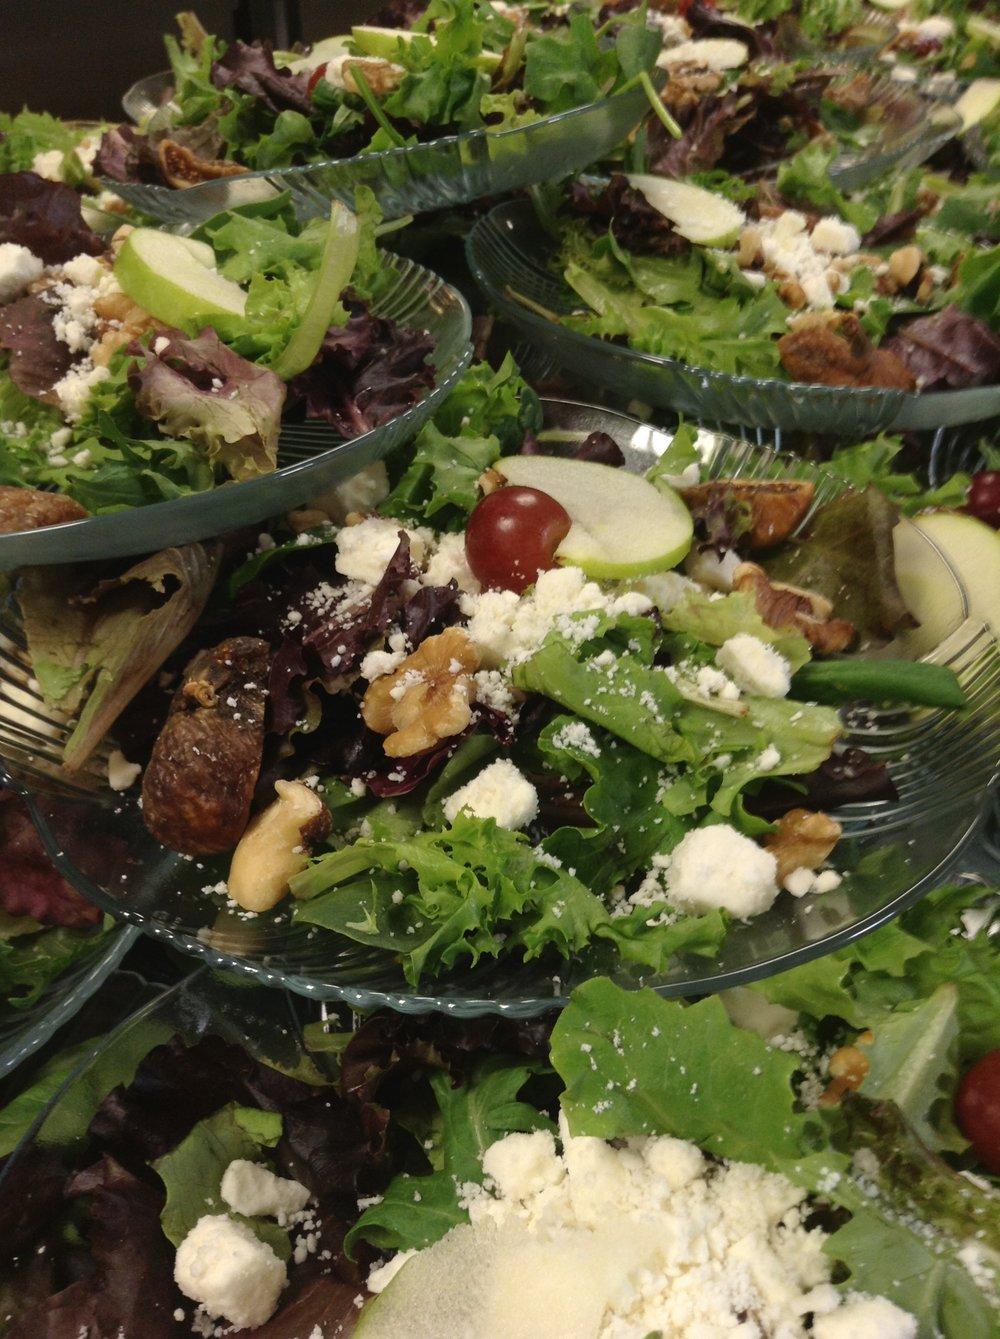 Orchard and Vineyard Salad